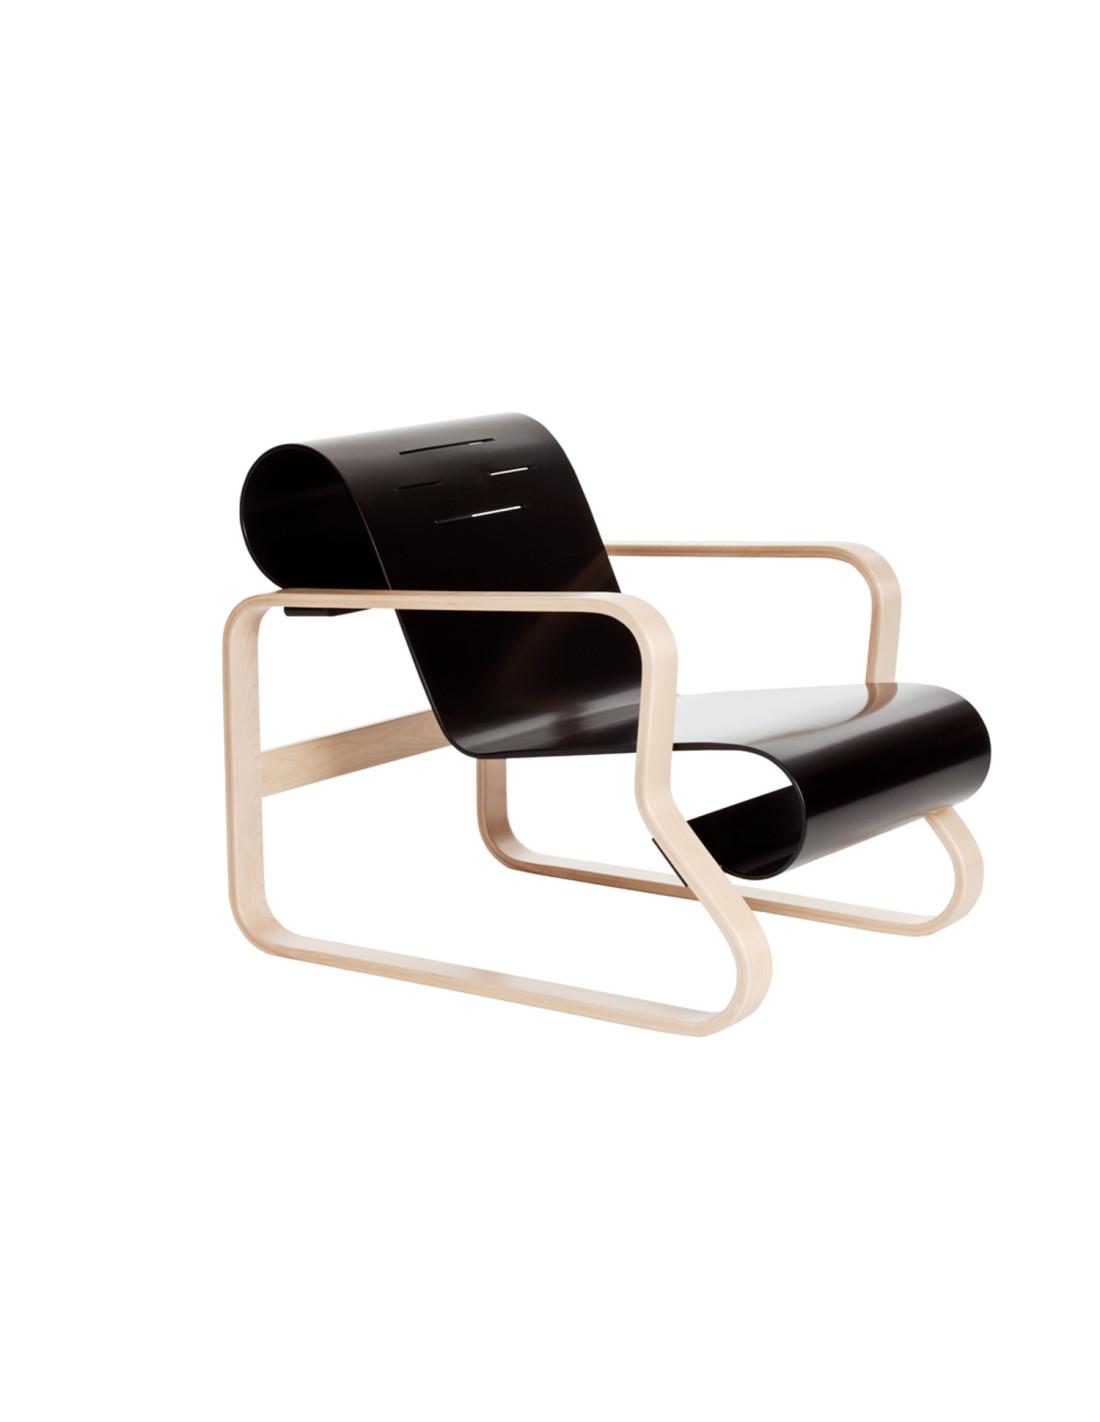 fauteuil paimio 41 design par alvar aalto pour artek design danois. Black Bedroom Furniture Sets. Home Design Ideas